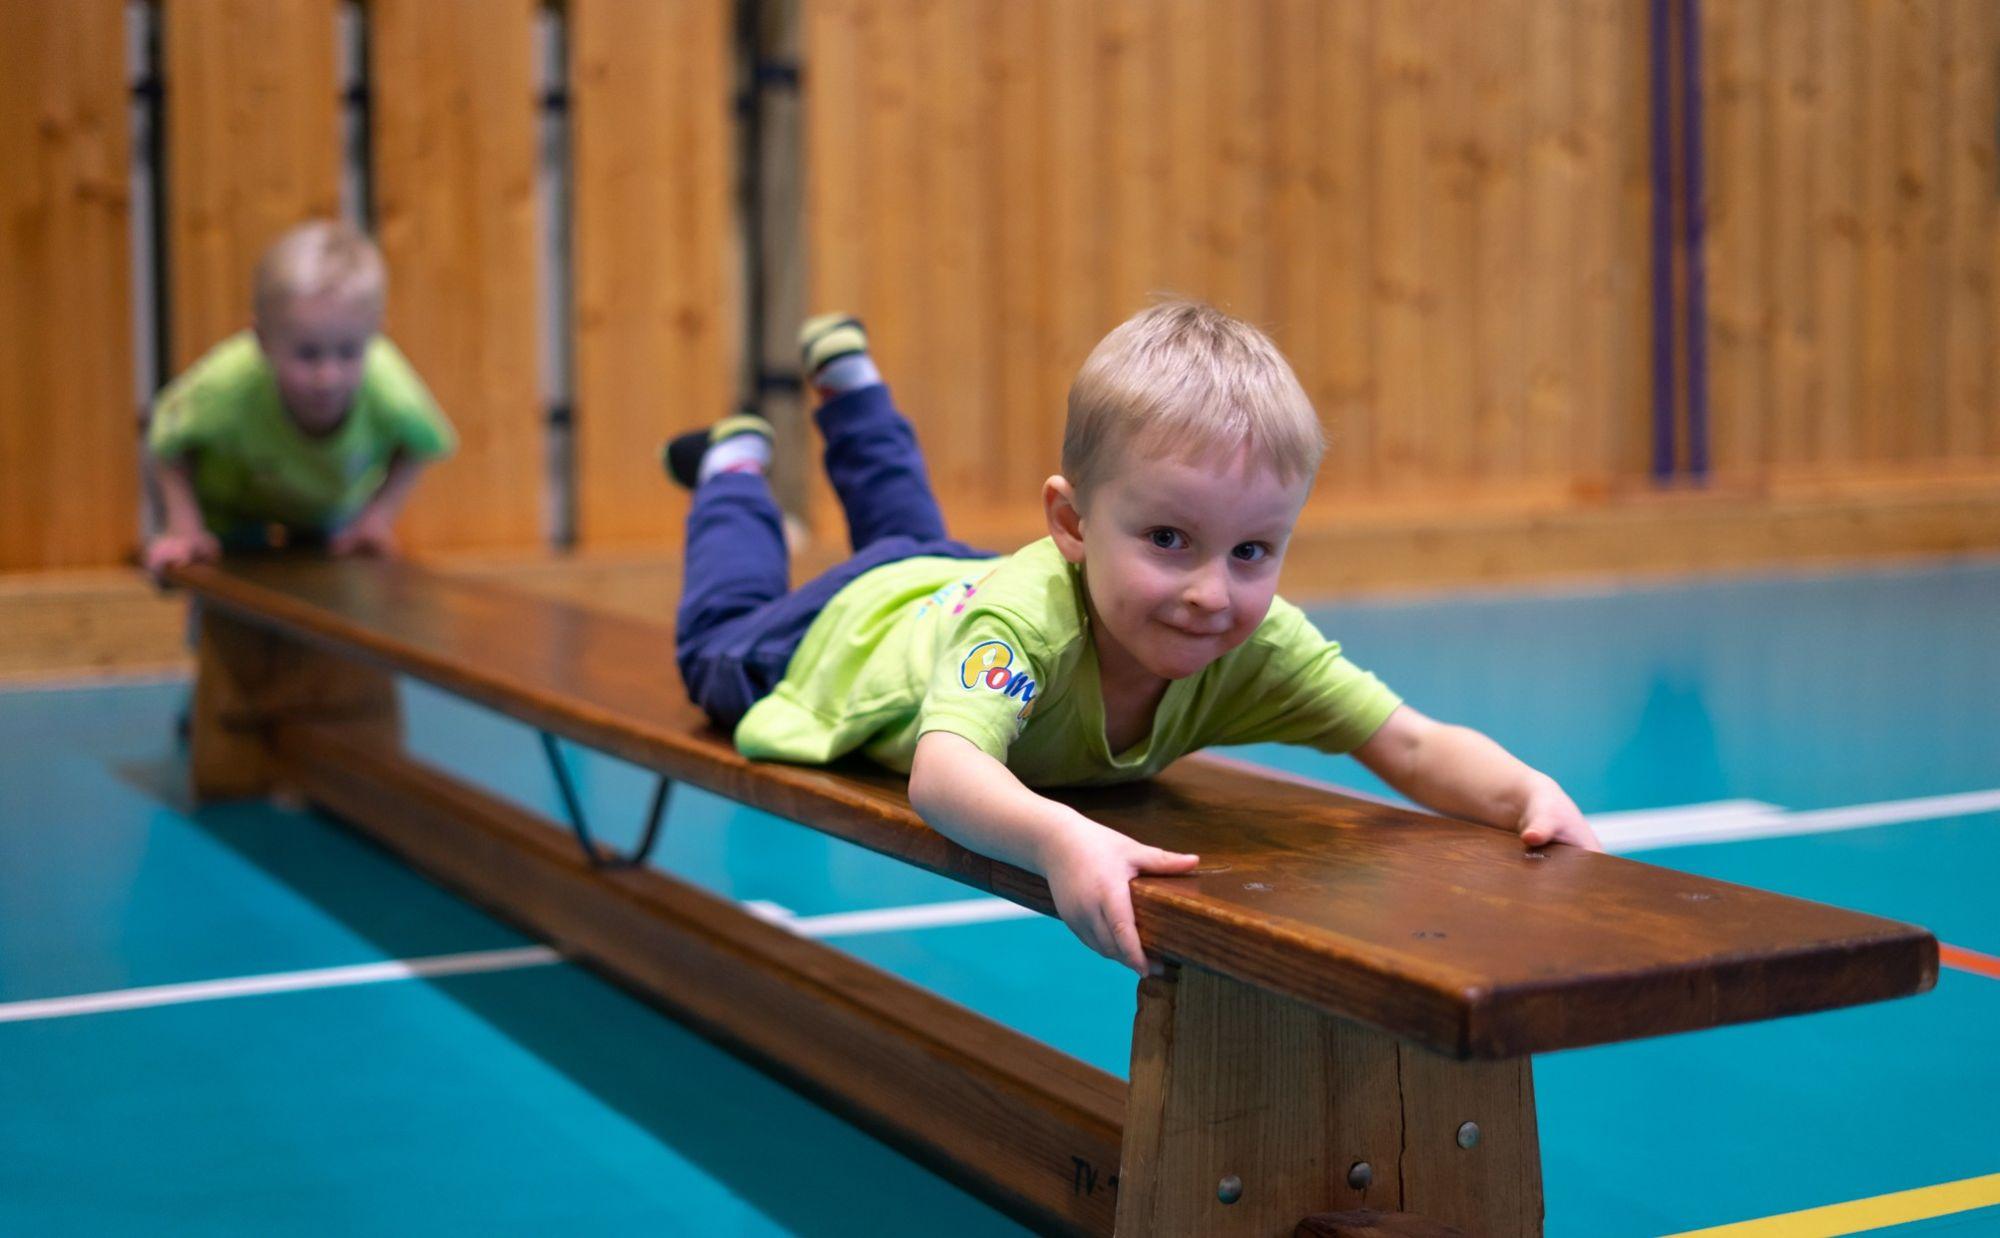 Chlapec cvičí na lavičce